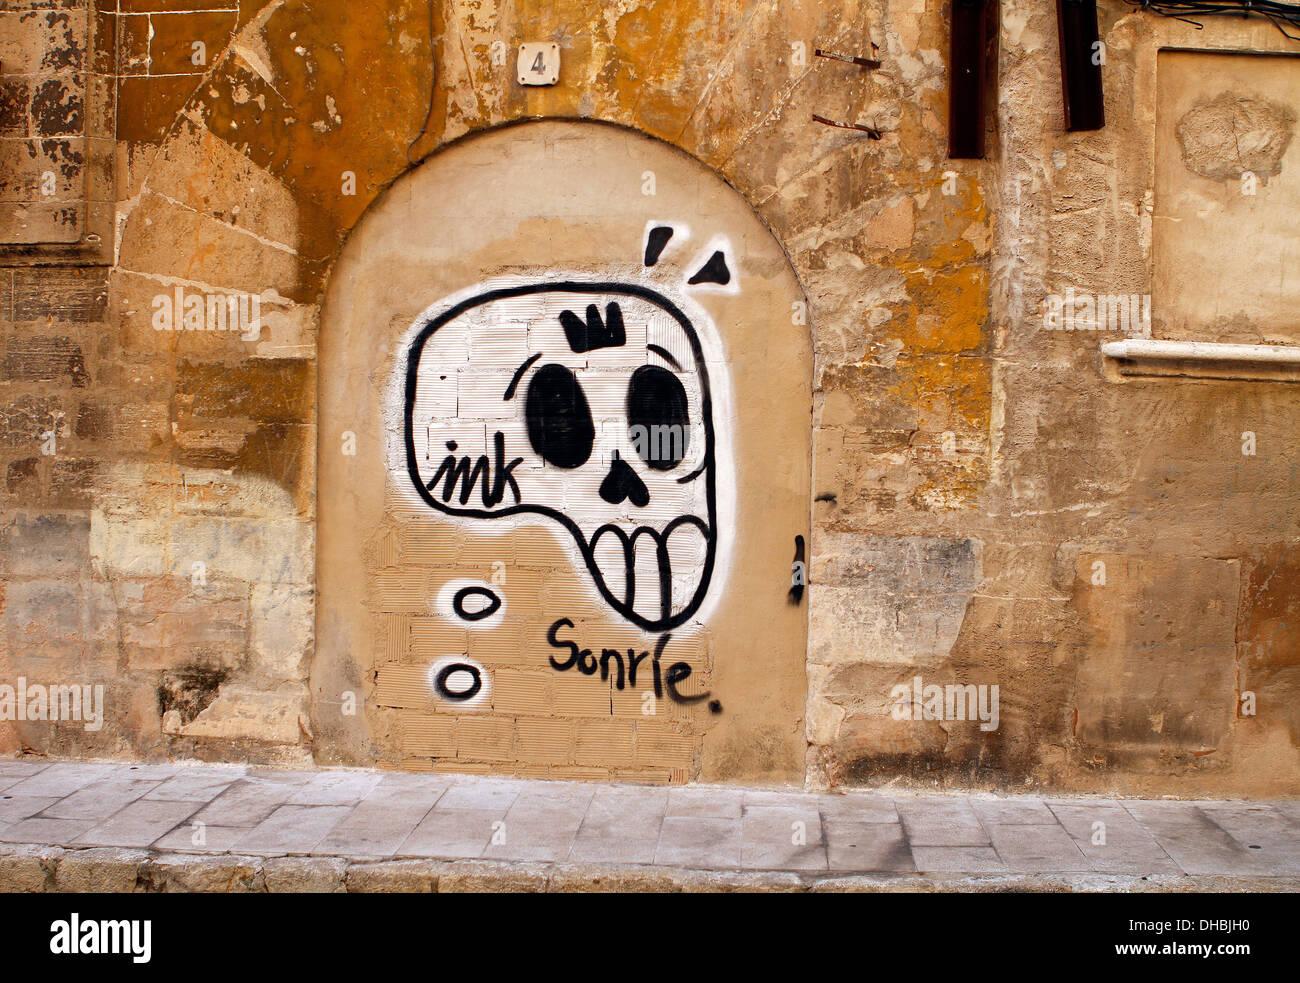 Straße Kunst gesehen in einer Wand in Palma de Mallorca, auf der spanischen Balearen-Insel. Stockbild